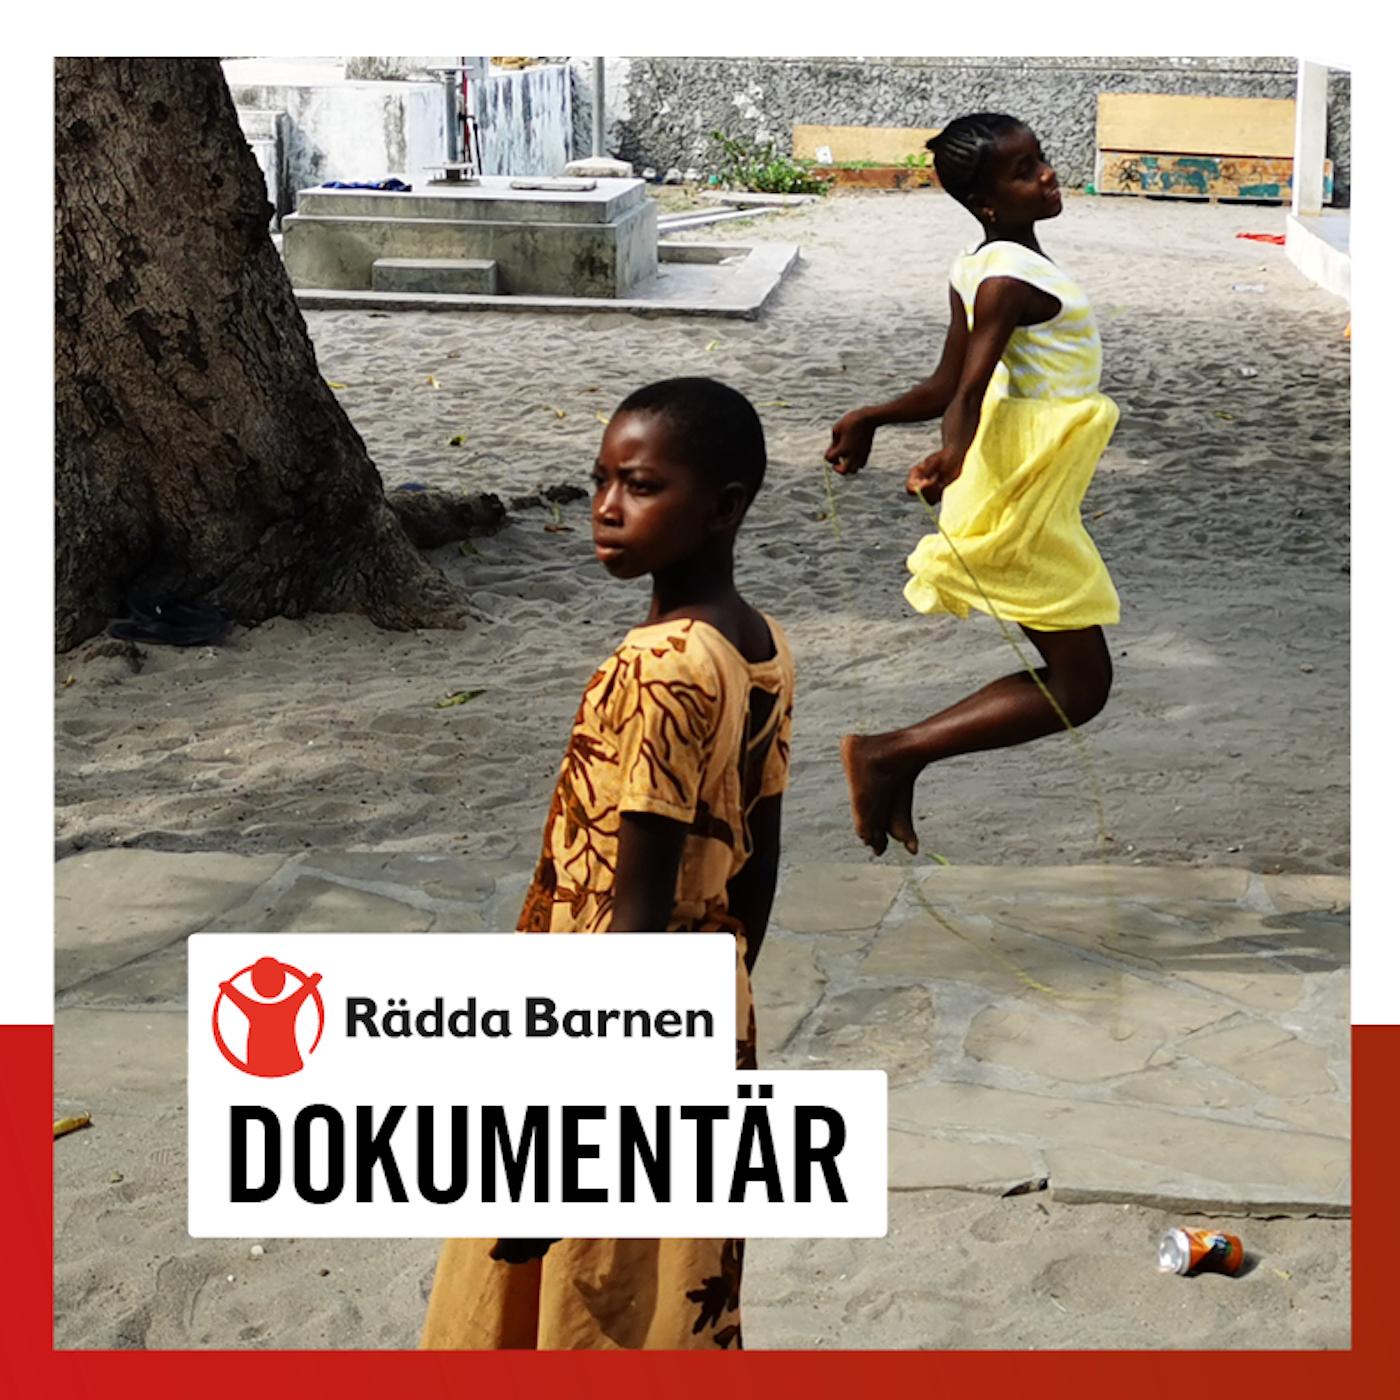 Rädda Barnen Dokumentär show art